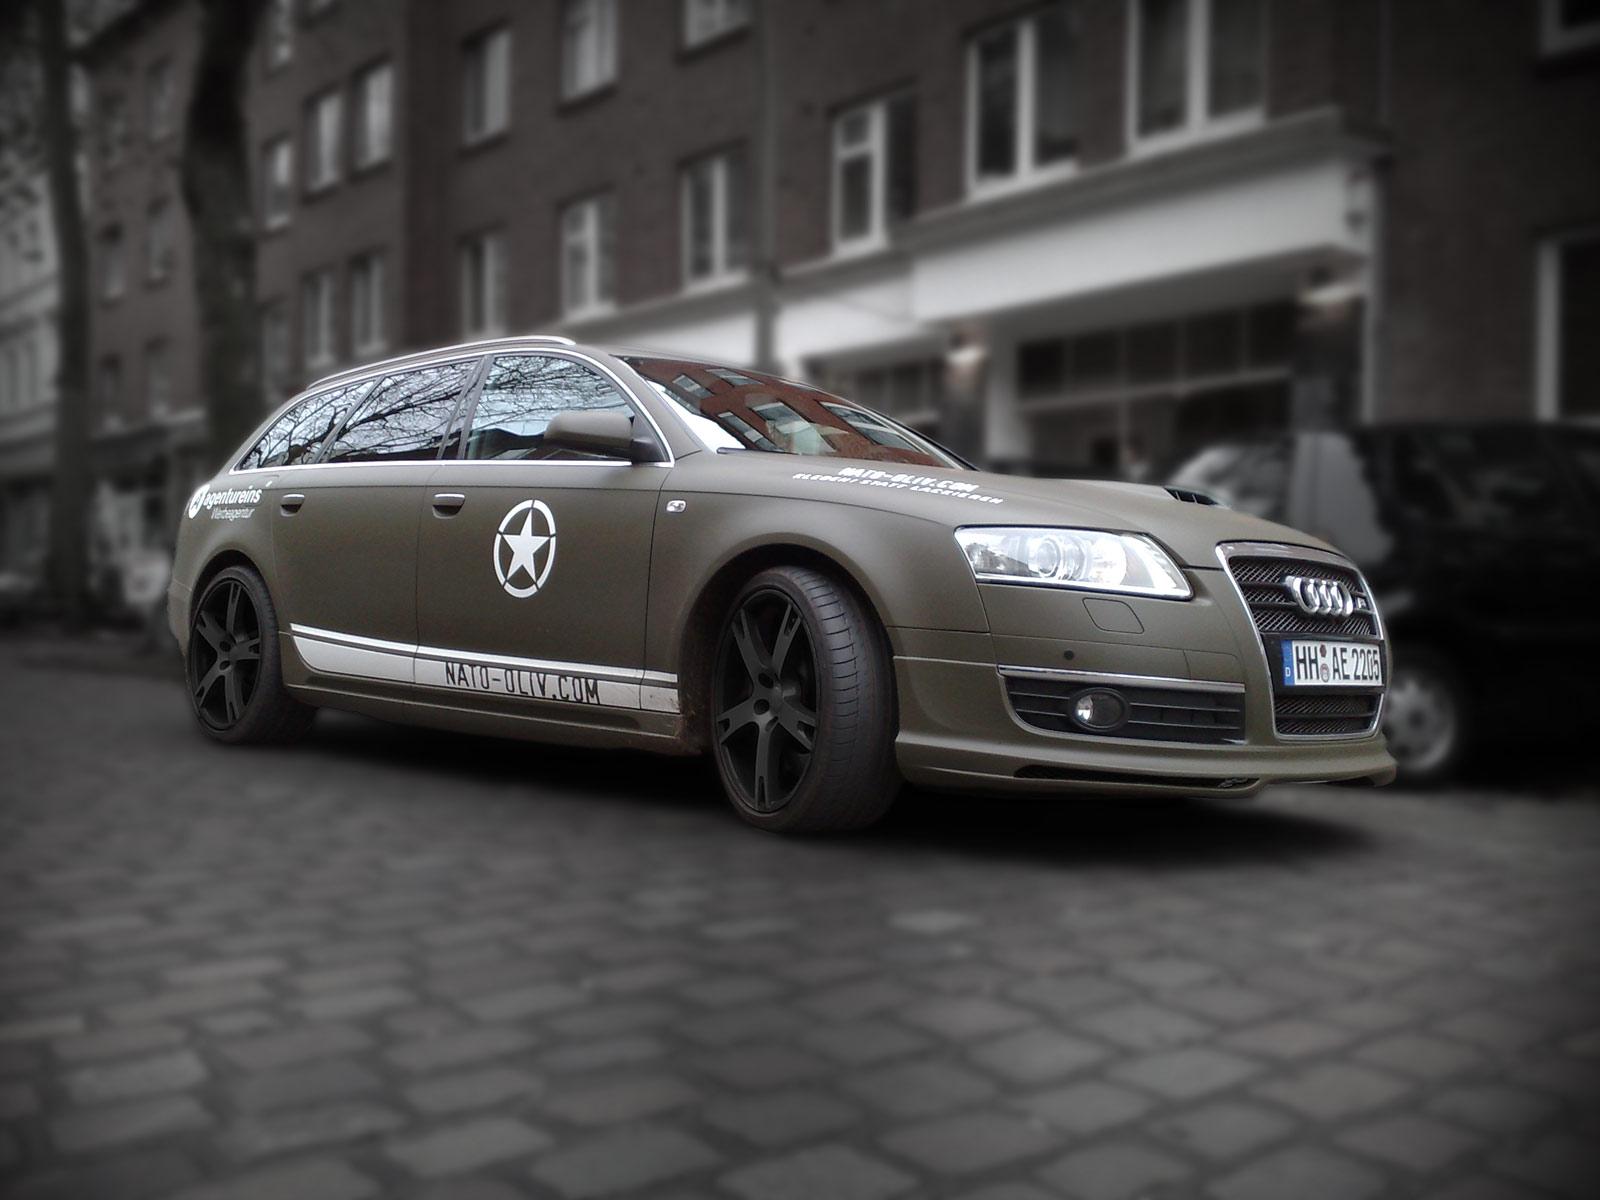 Dieser Audi A6 mit ABT-Kompressor und Body-Kit wurde mit Nato-Oliv Folie beklebt und danach beschriftet.